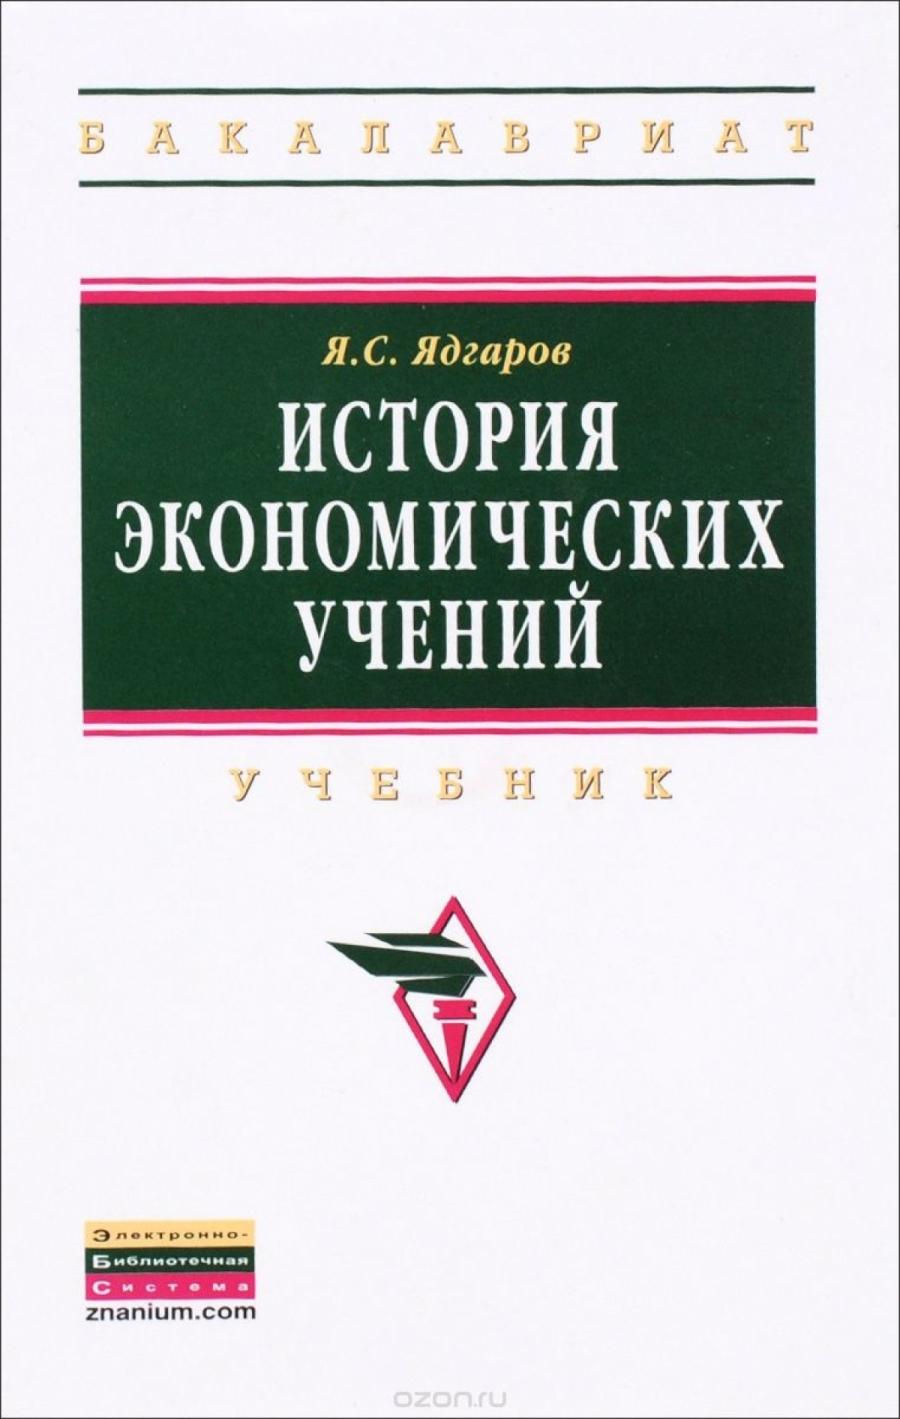 Обложка книги:  ядгаров я.с. - история экономических учений